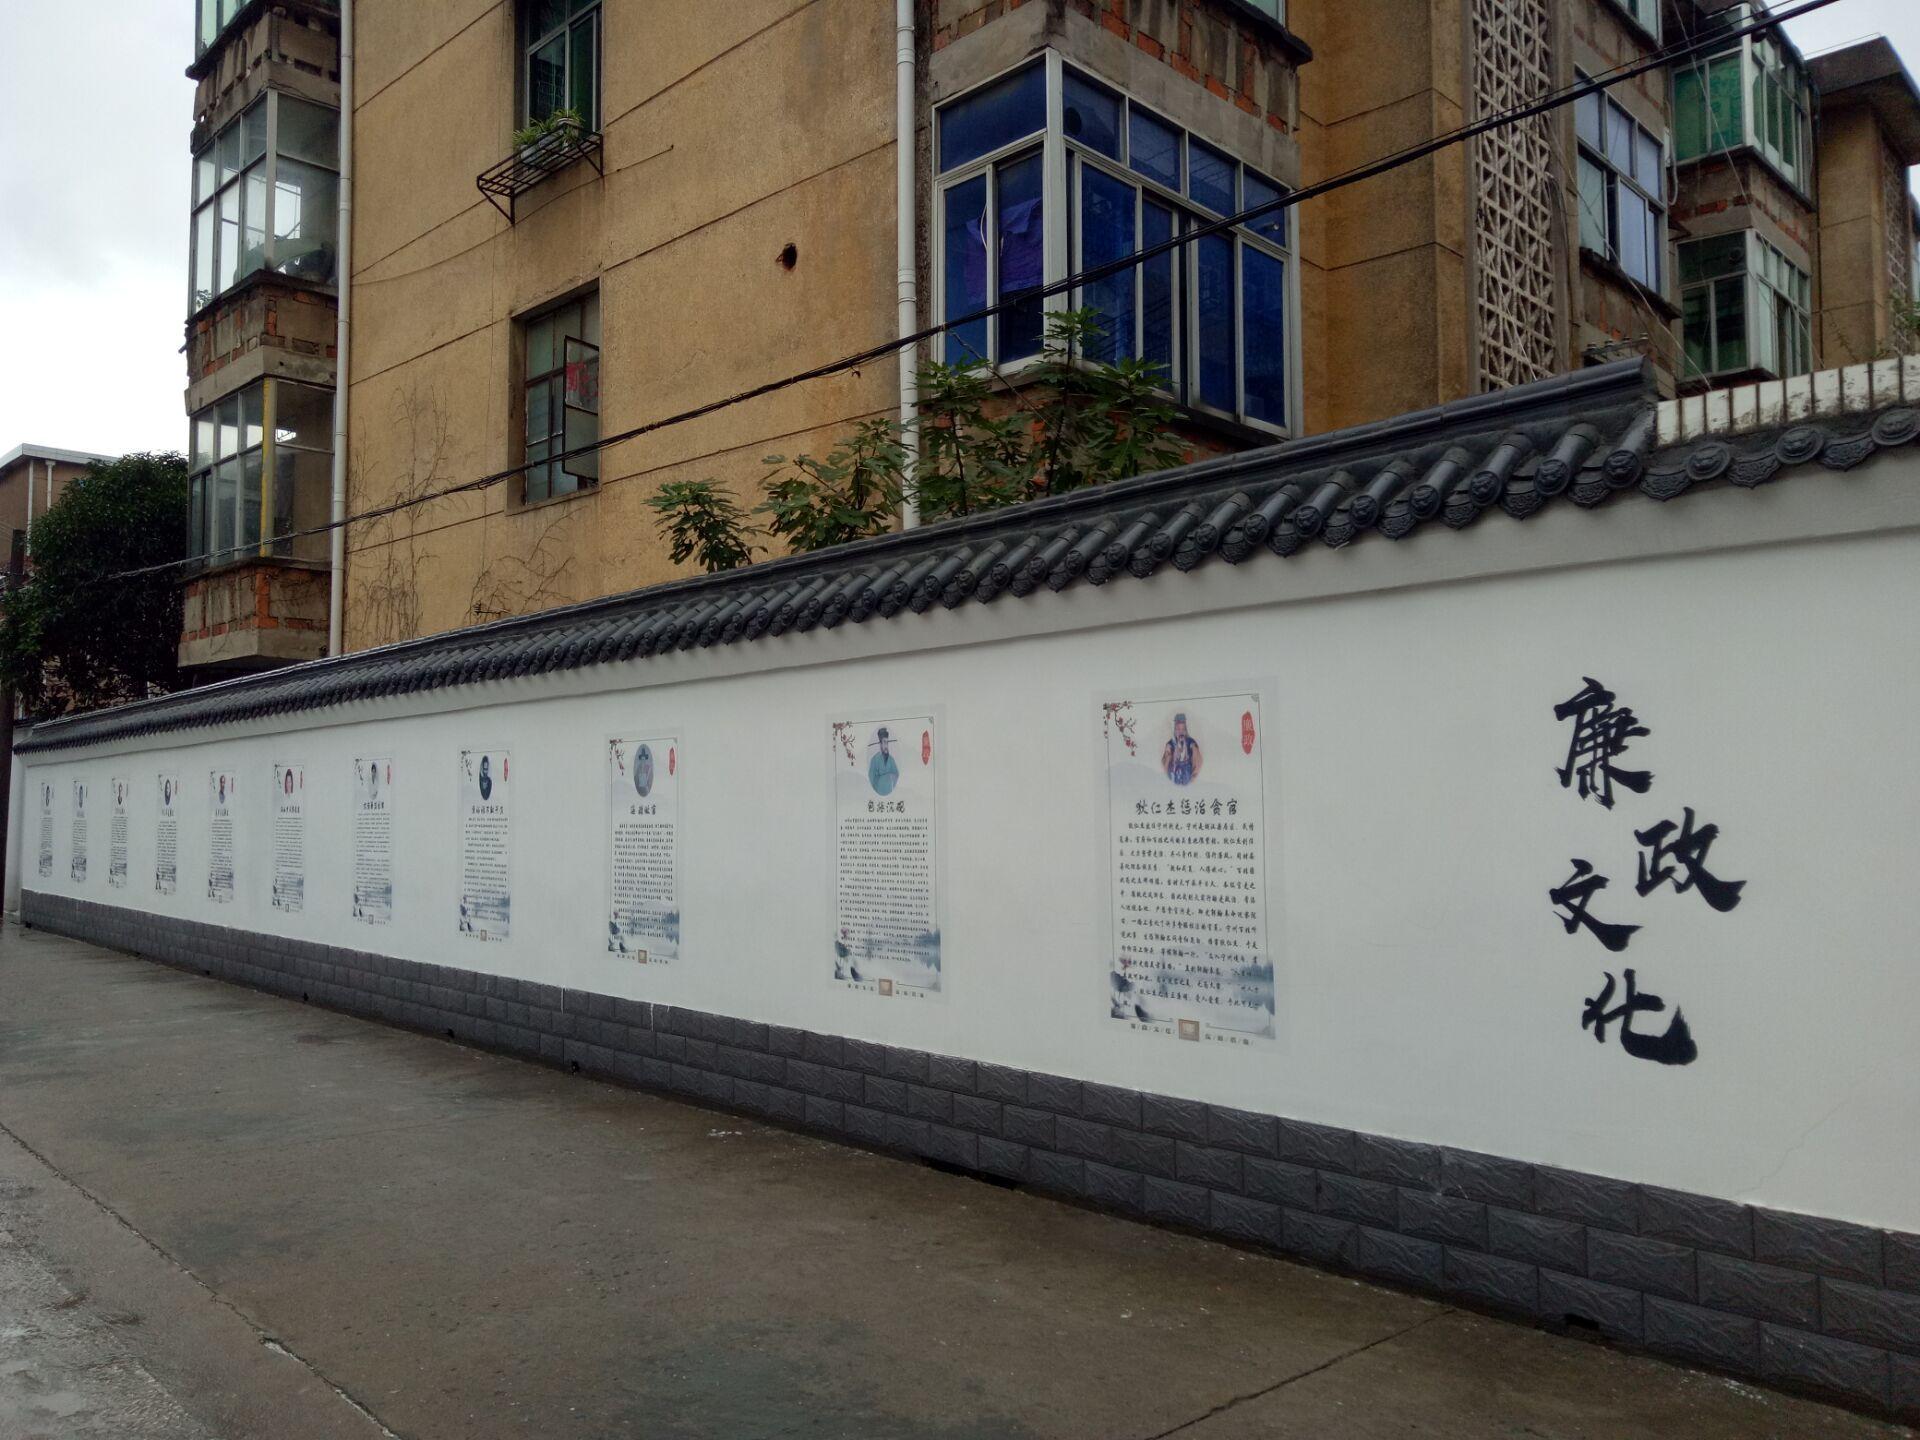 镇街动态 | 池阳街道秀山社区创新廉政文化建设